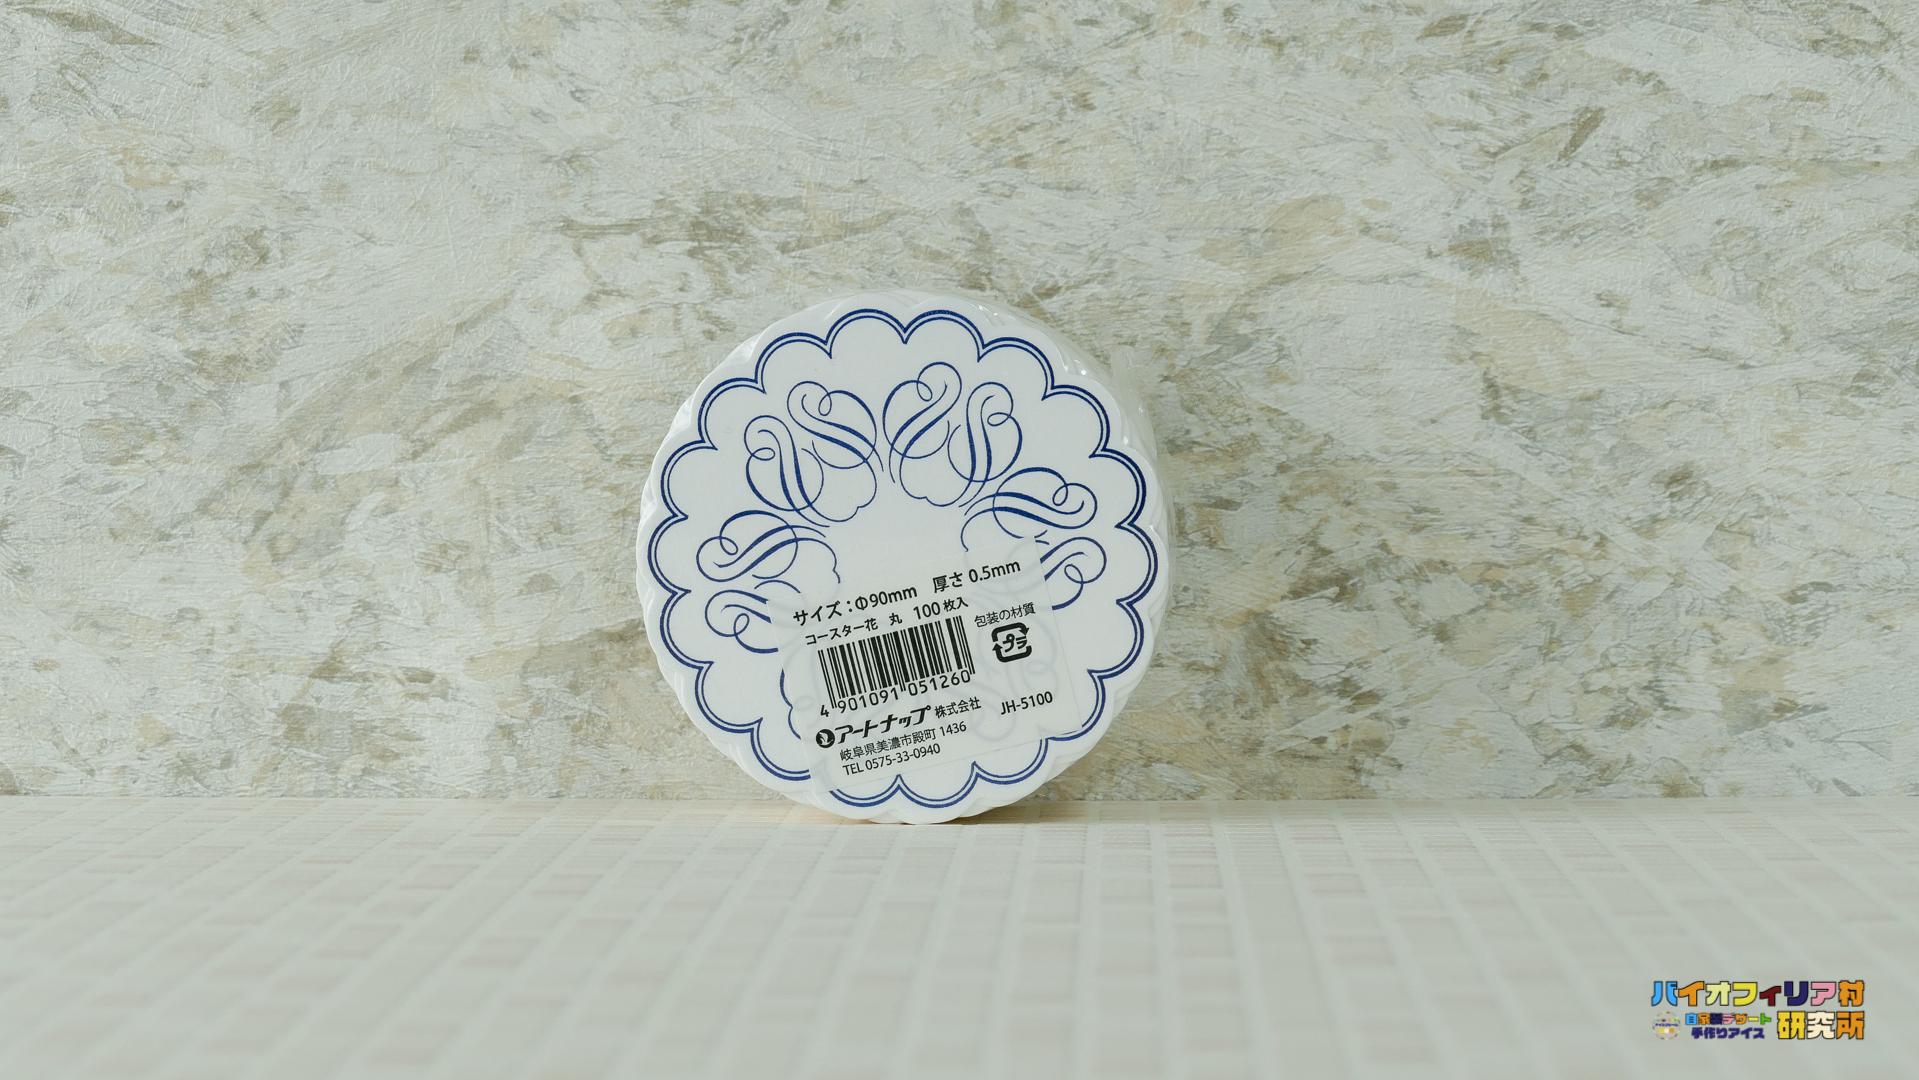 アートナップ「花柄コースター」JH-5100の商品画像です。